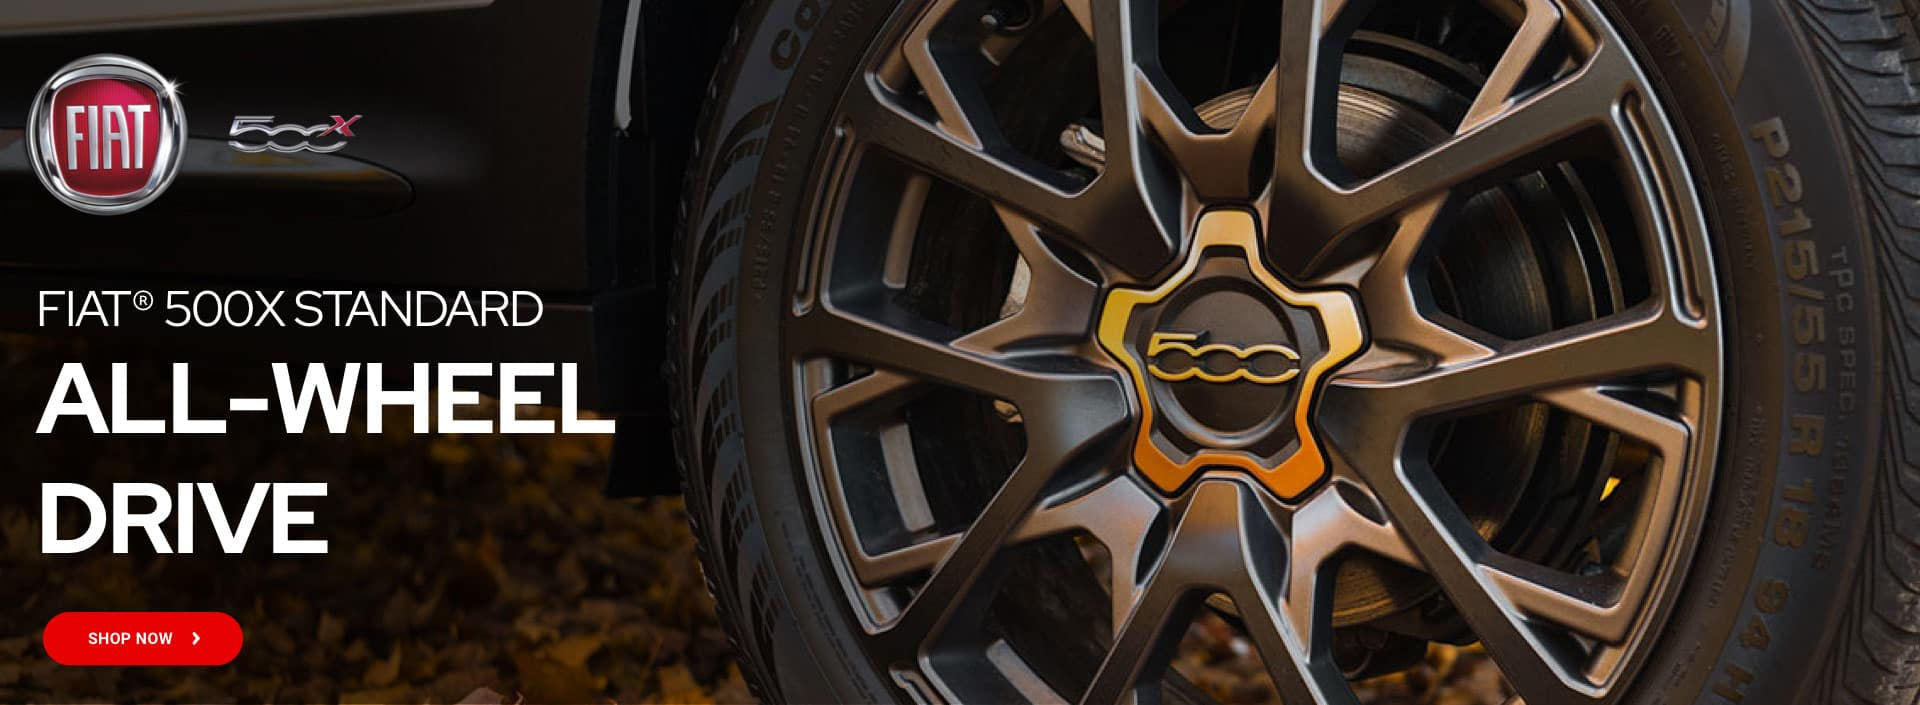 Fiat 500x Standard all wheel drive